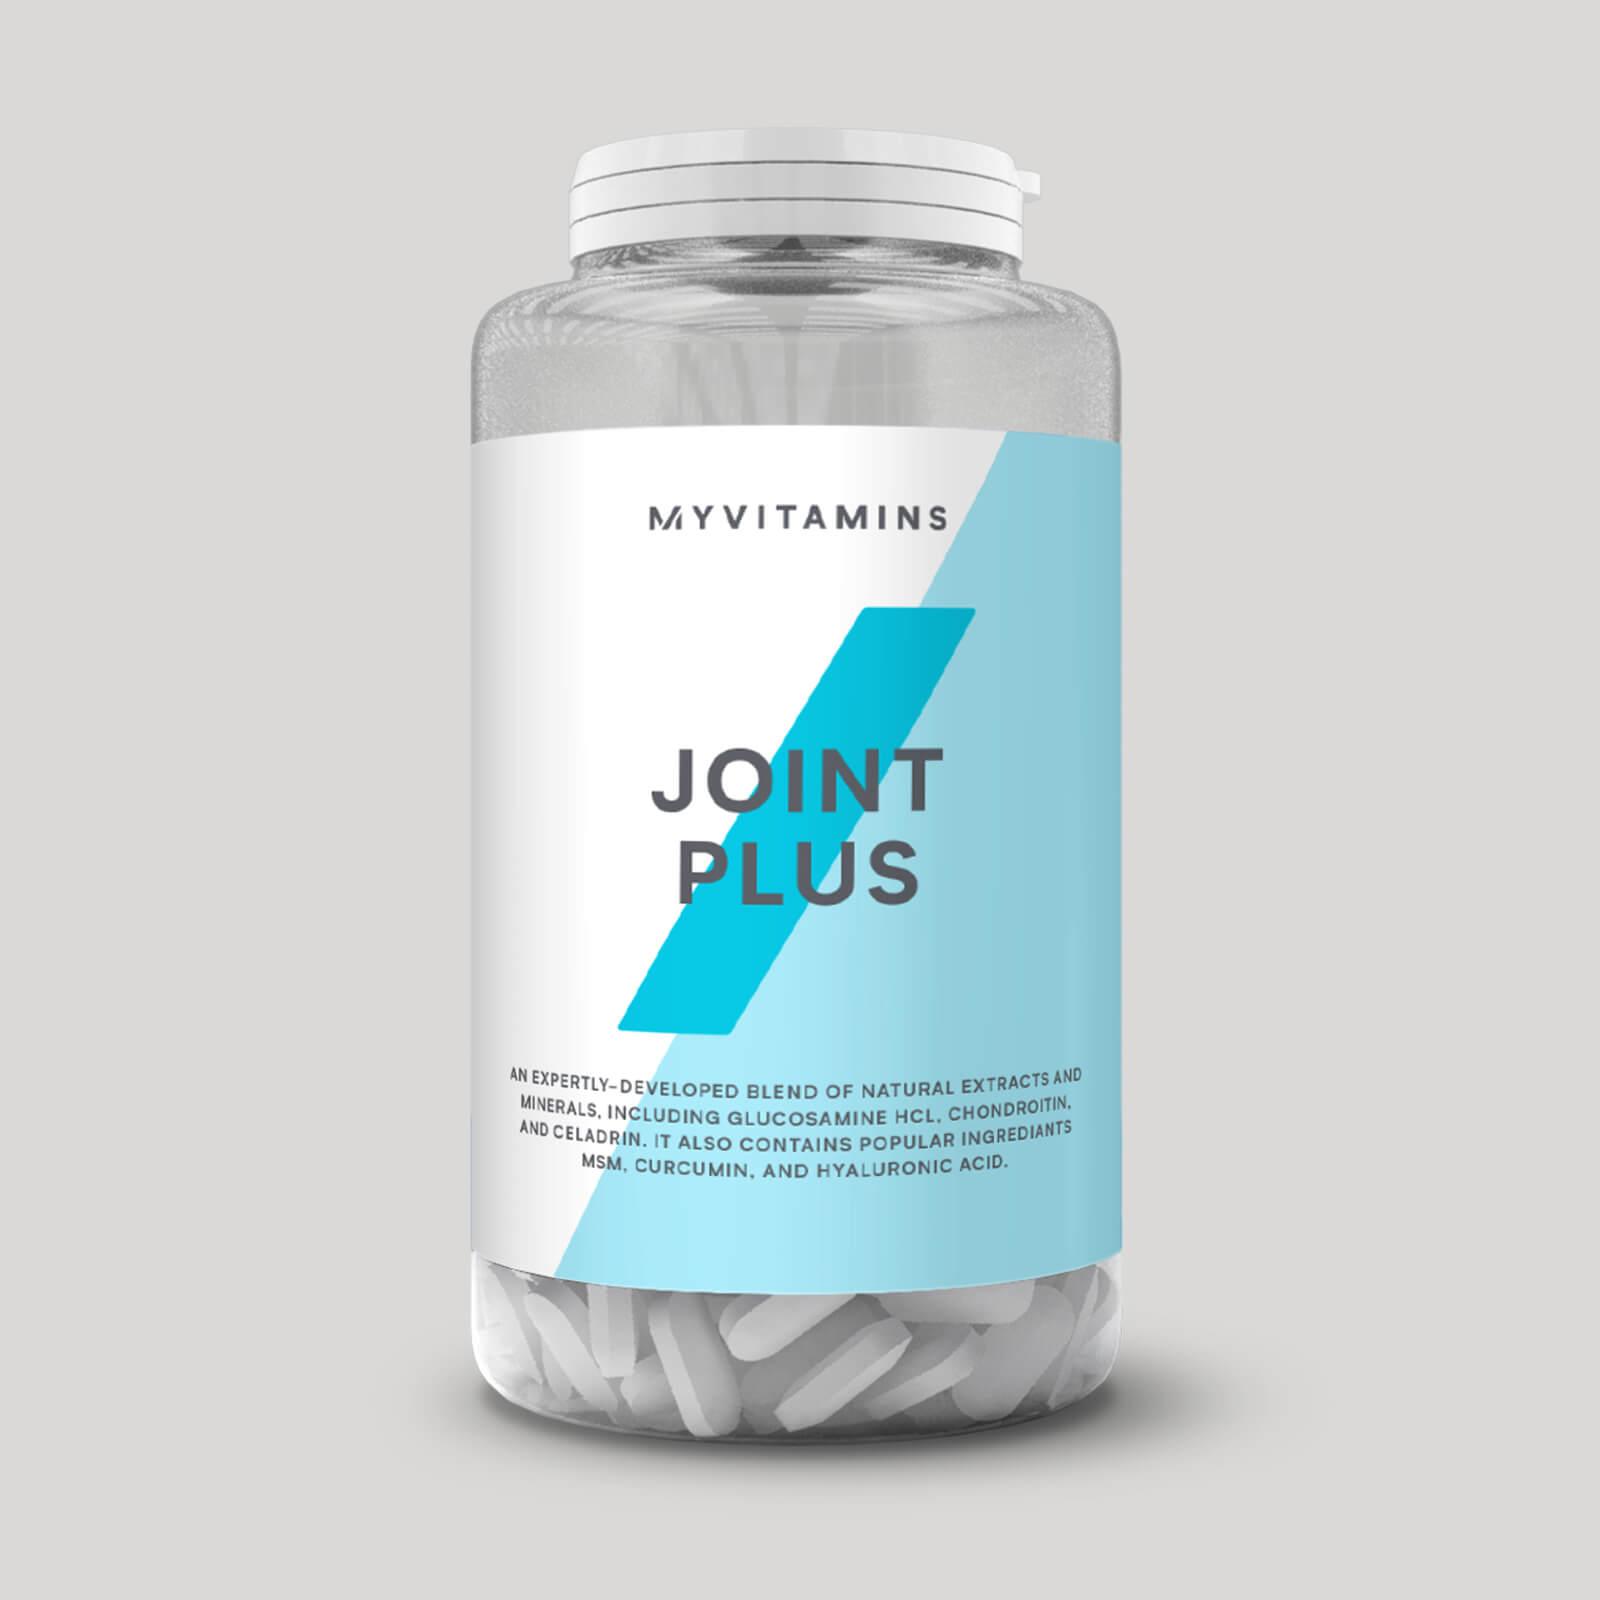 Le migliori vitamine per le articolazioni